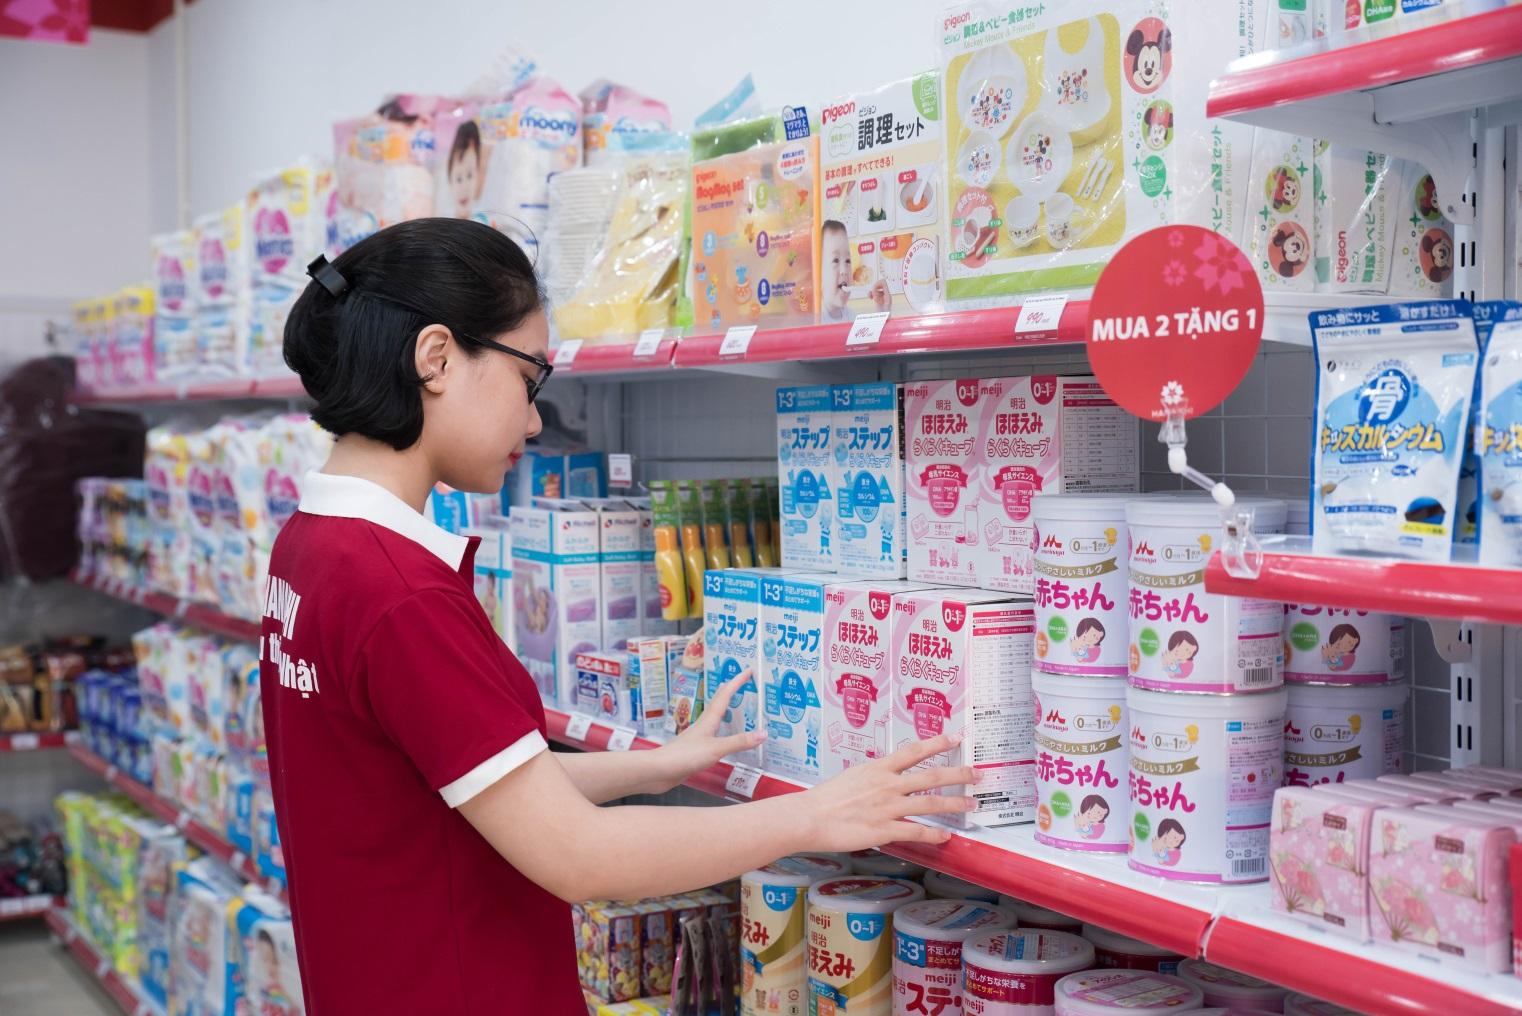 HANAICHI và tham vọng phủ sóng chuỗi siêu thị hàng Nhật nội địa chính hãng, uy tín tại Việt Nam - Ảnh 5.